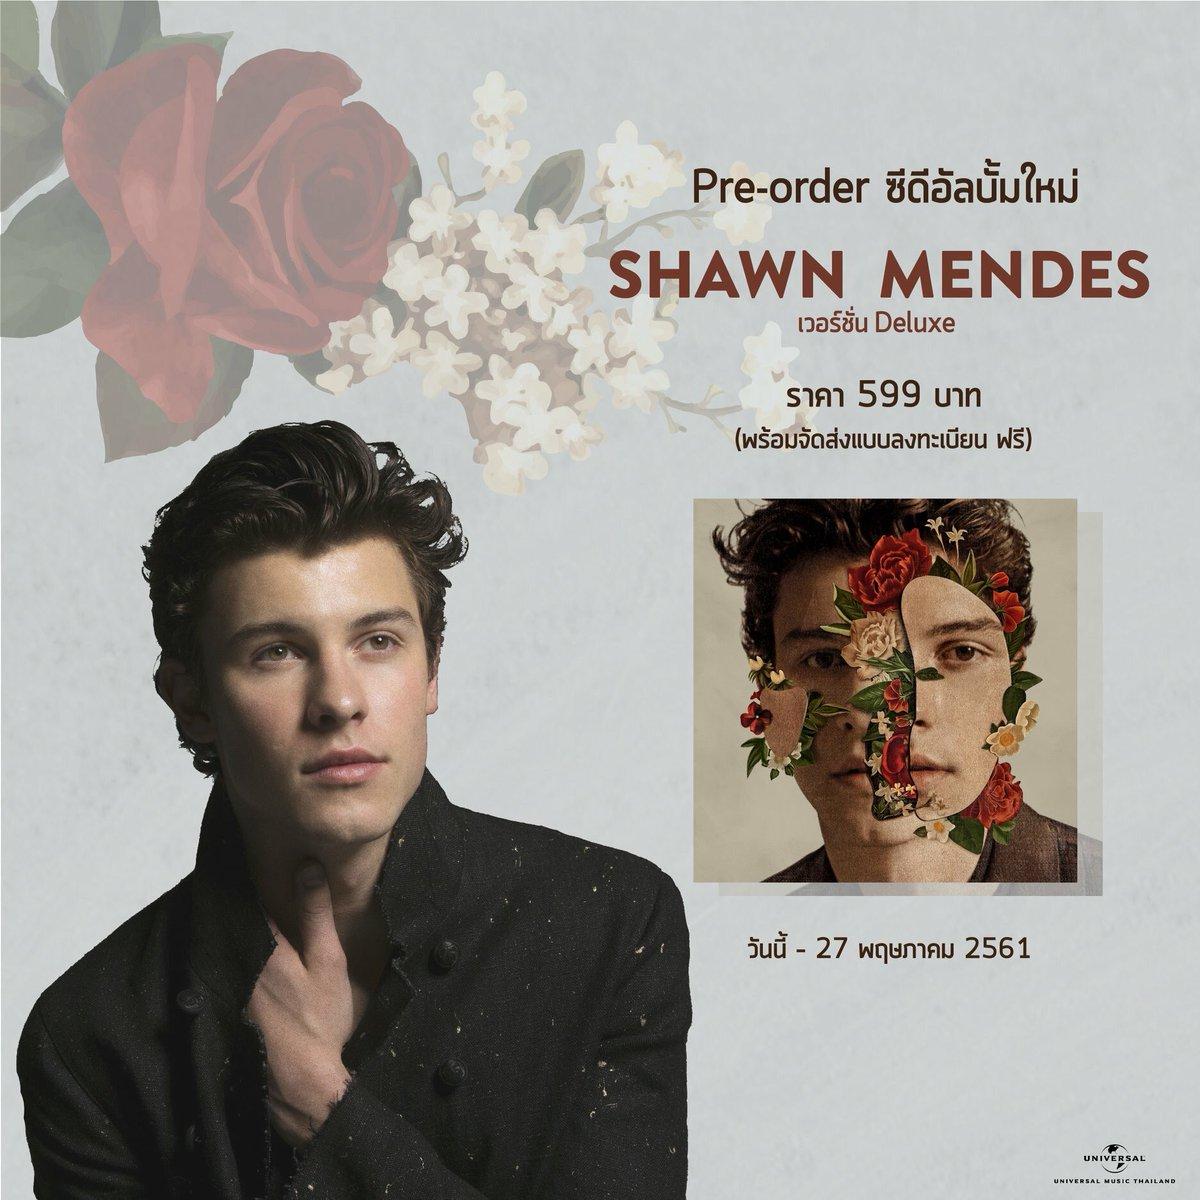 #ShawnMendesTheAlbum